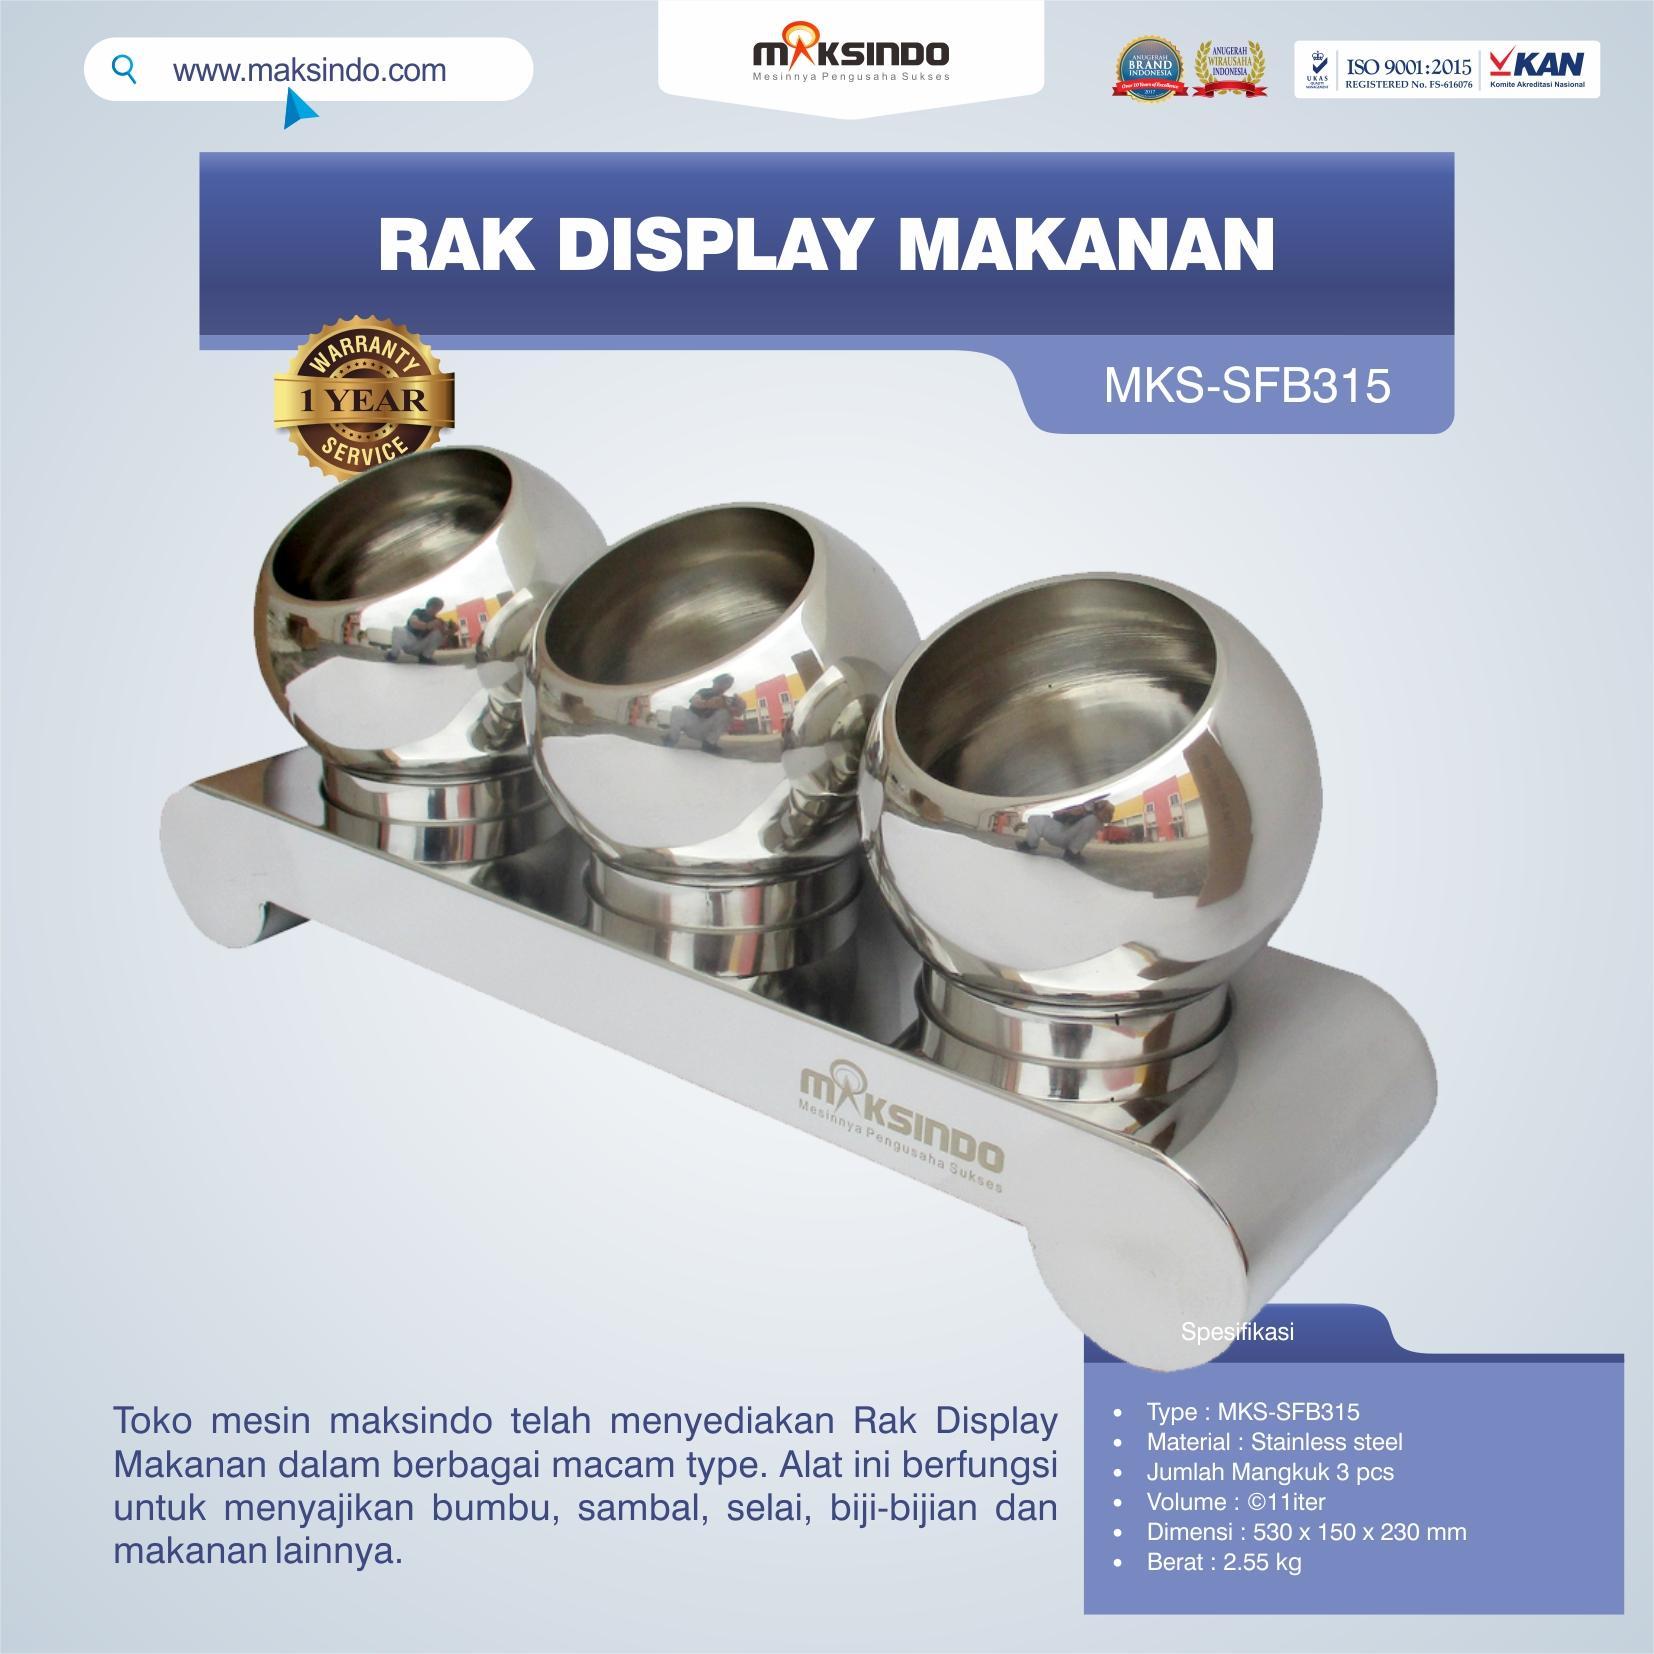 Jual Rak Display Makanan MKS-SFB315 di Bogor